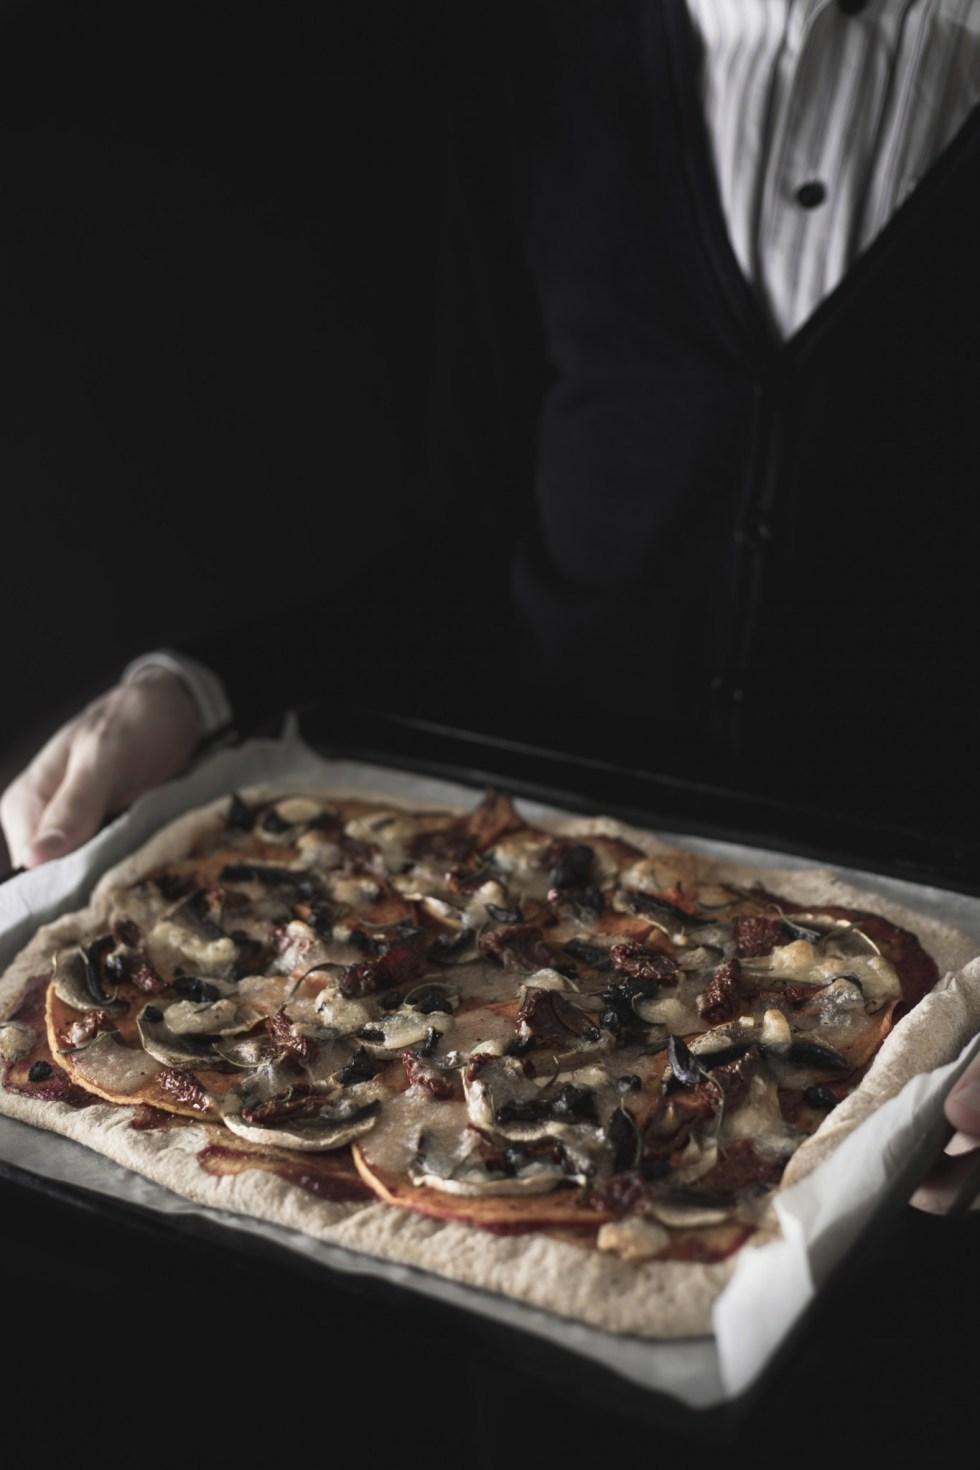 Pizza courge rôtie et tomates séchées {végétarien, IG bas} | www.lafaimestproche.com